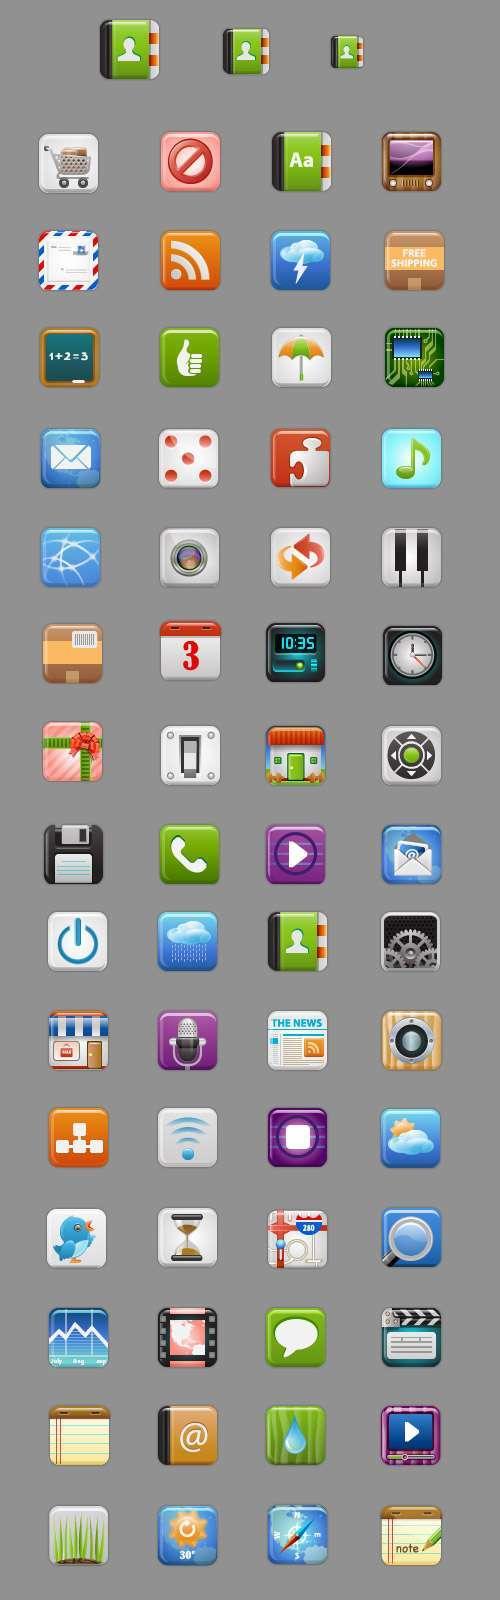 Набір з 60 безкоштовних іконок для сайту